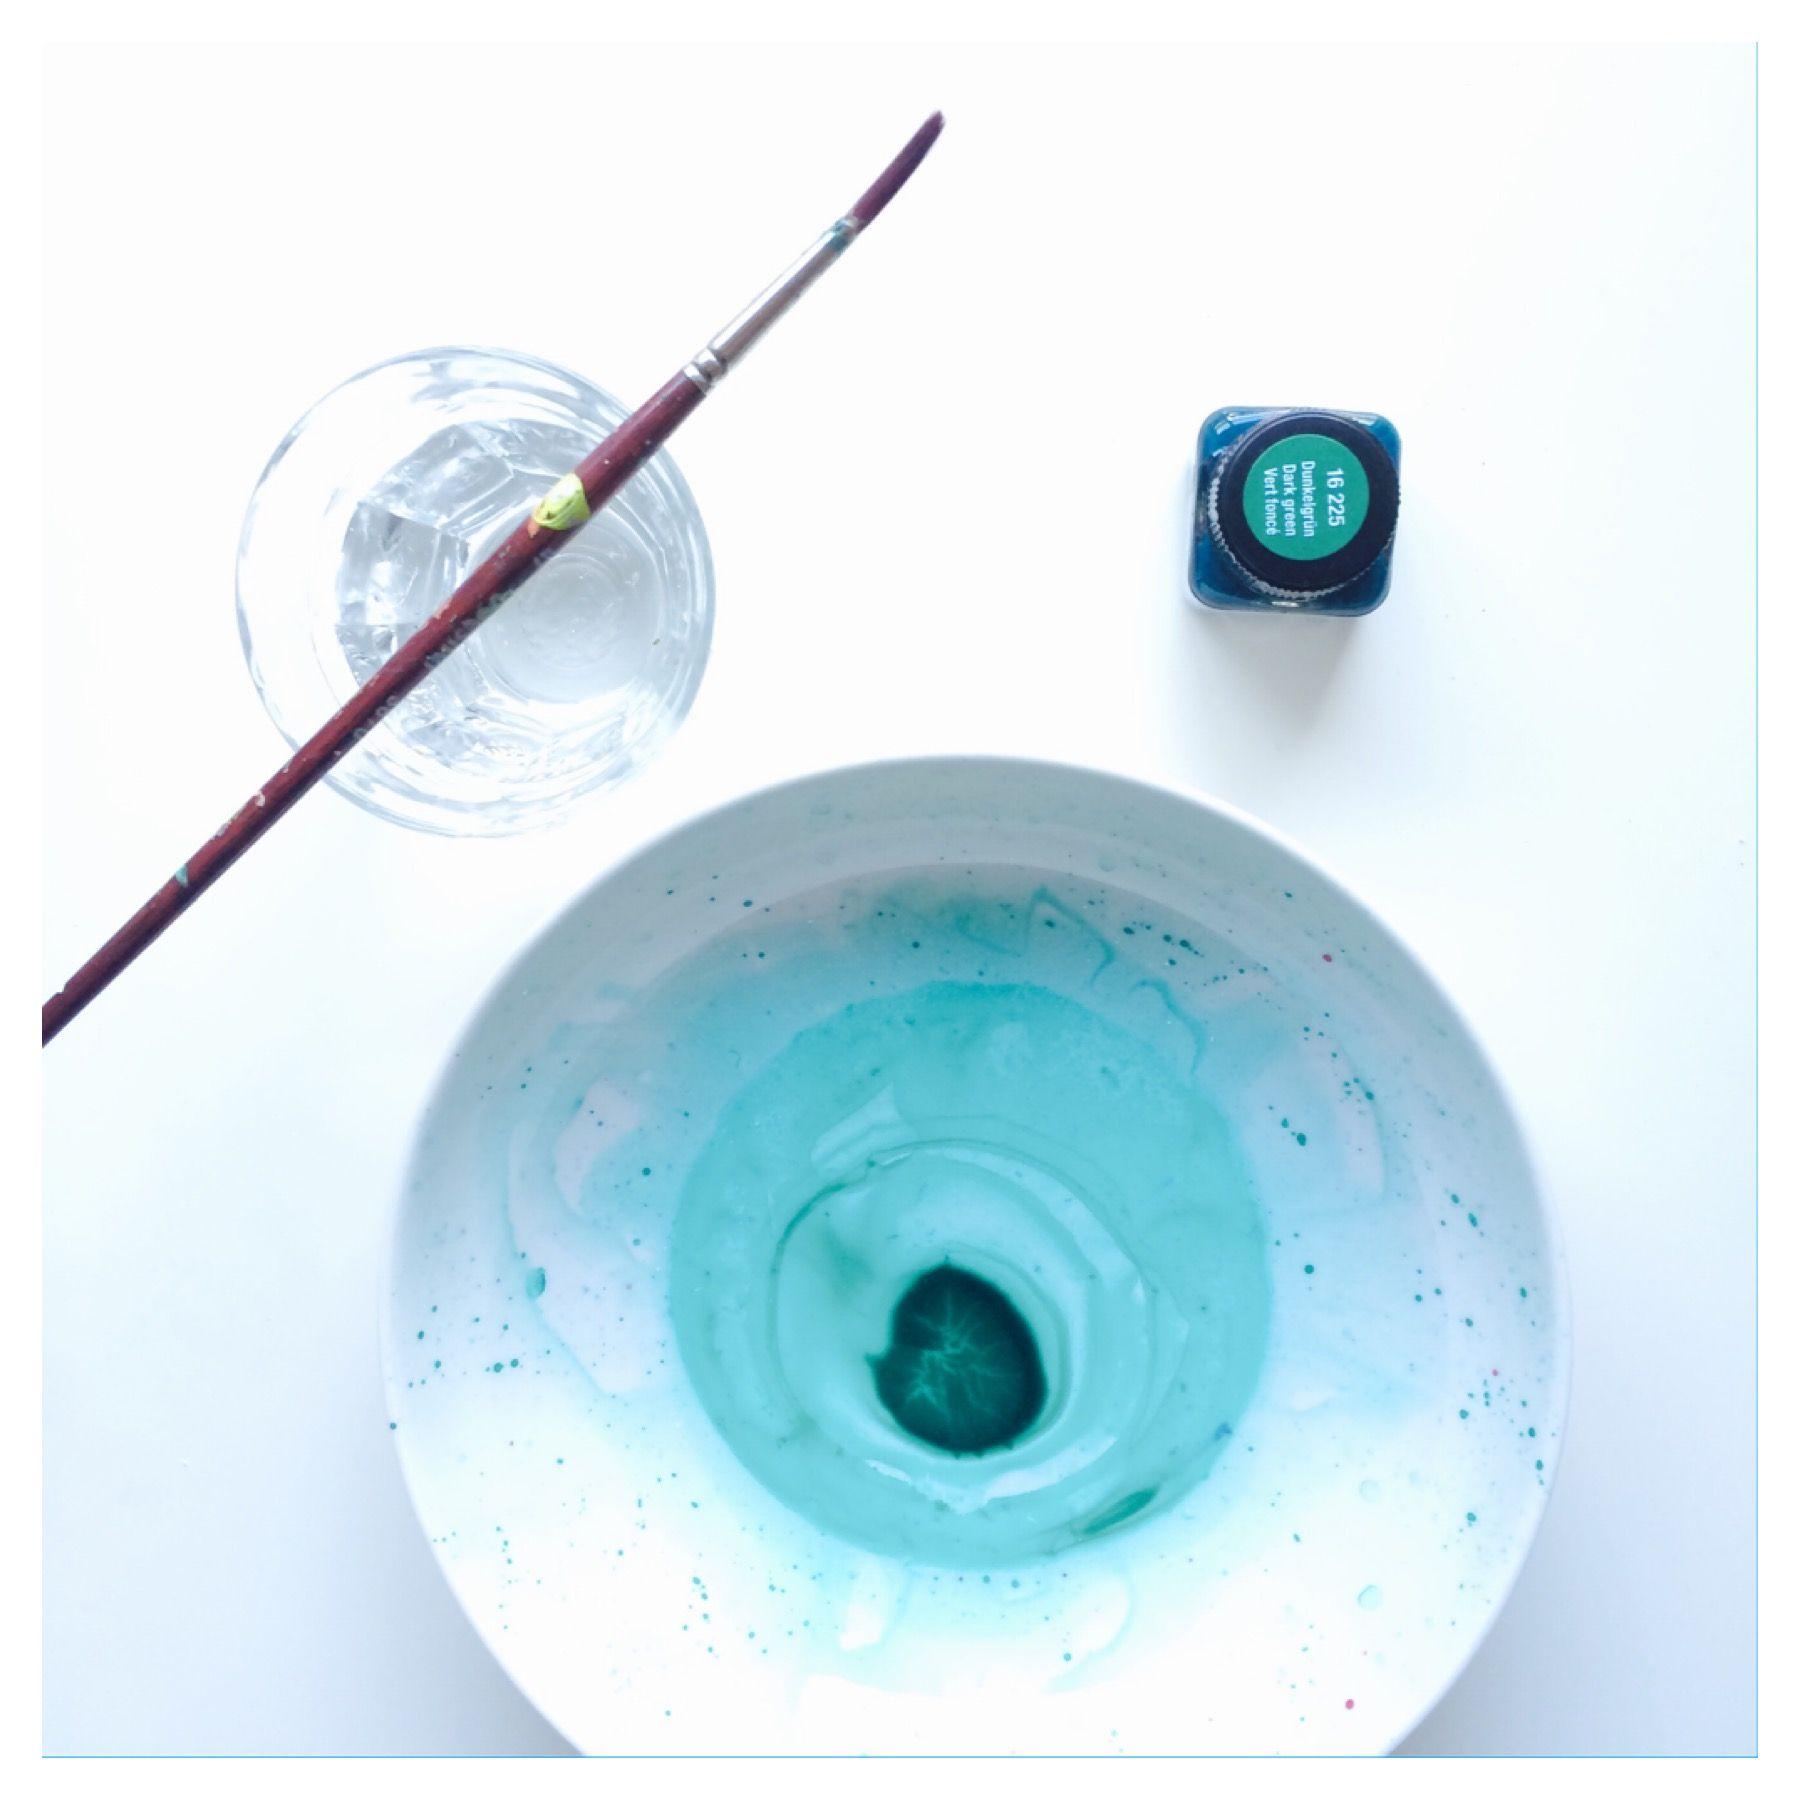 Die Elegante Farbe Taupe: Für Einen Gemütlichen Abend Mit Familie Und Freunden Oder